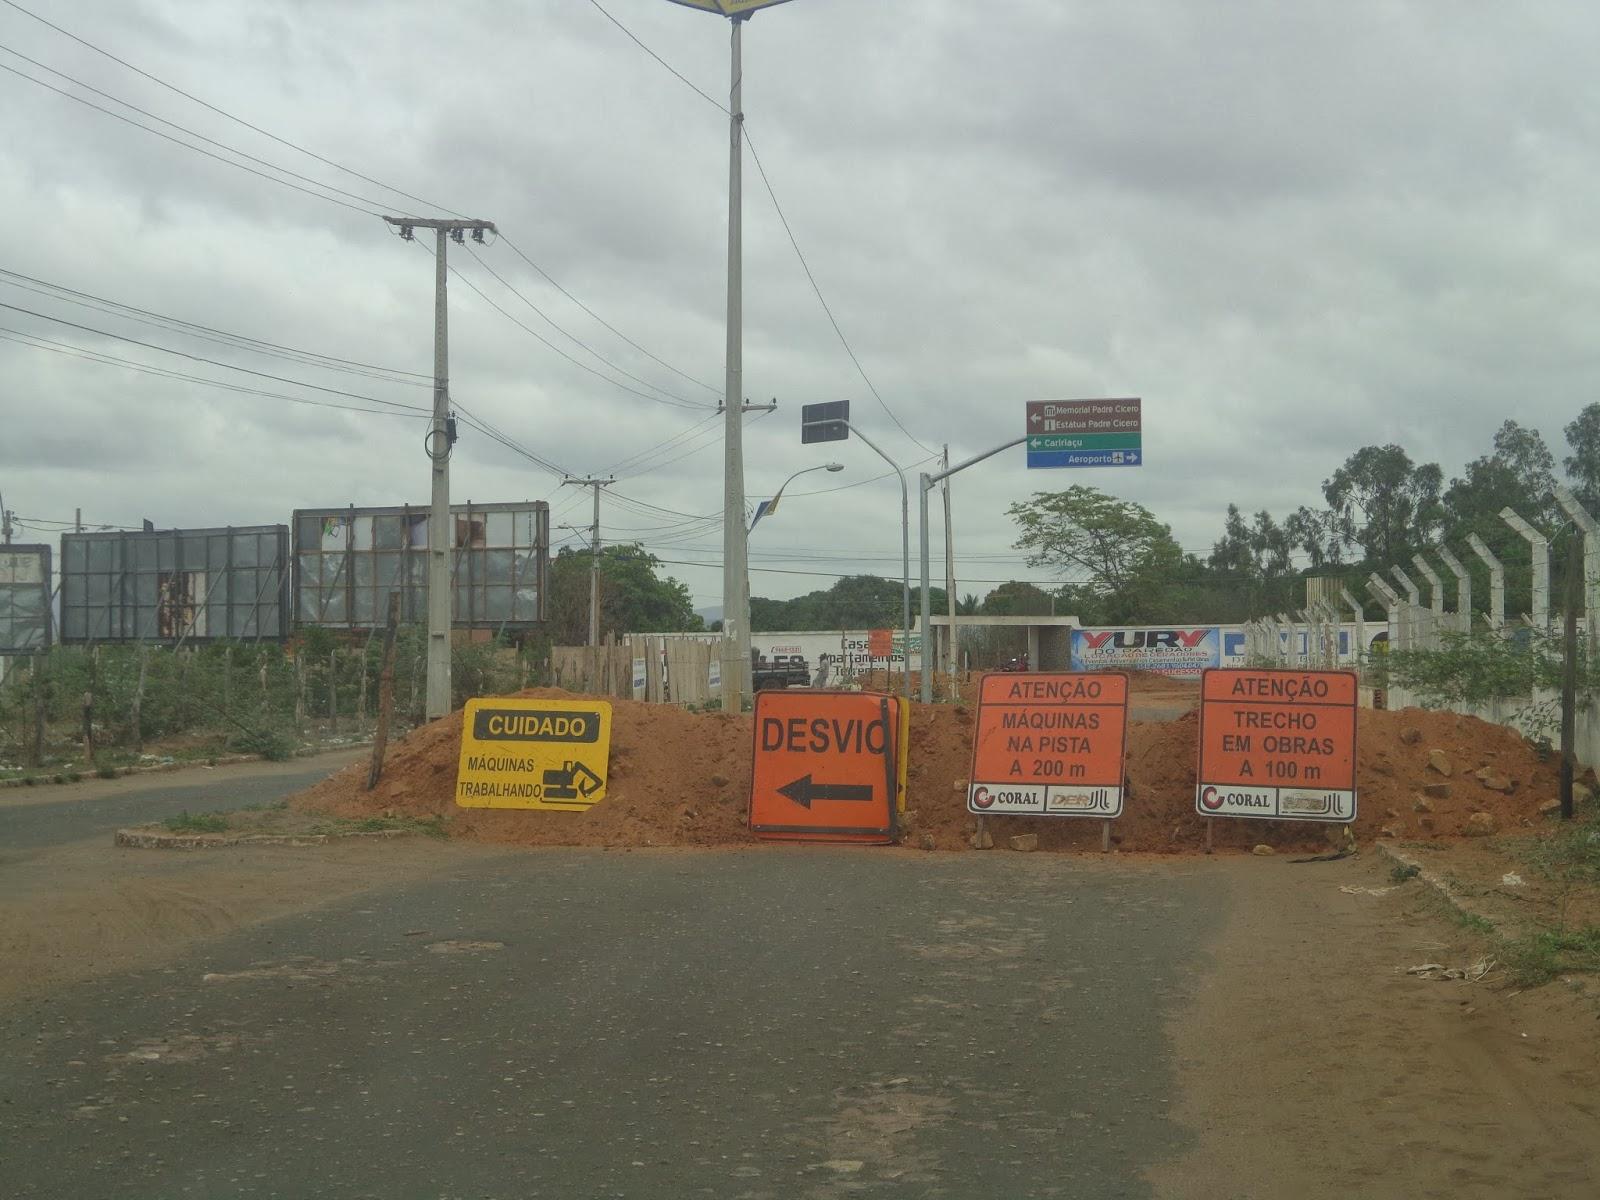 Obras de acesso ao aeroporto de Juazeiro do Norte.